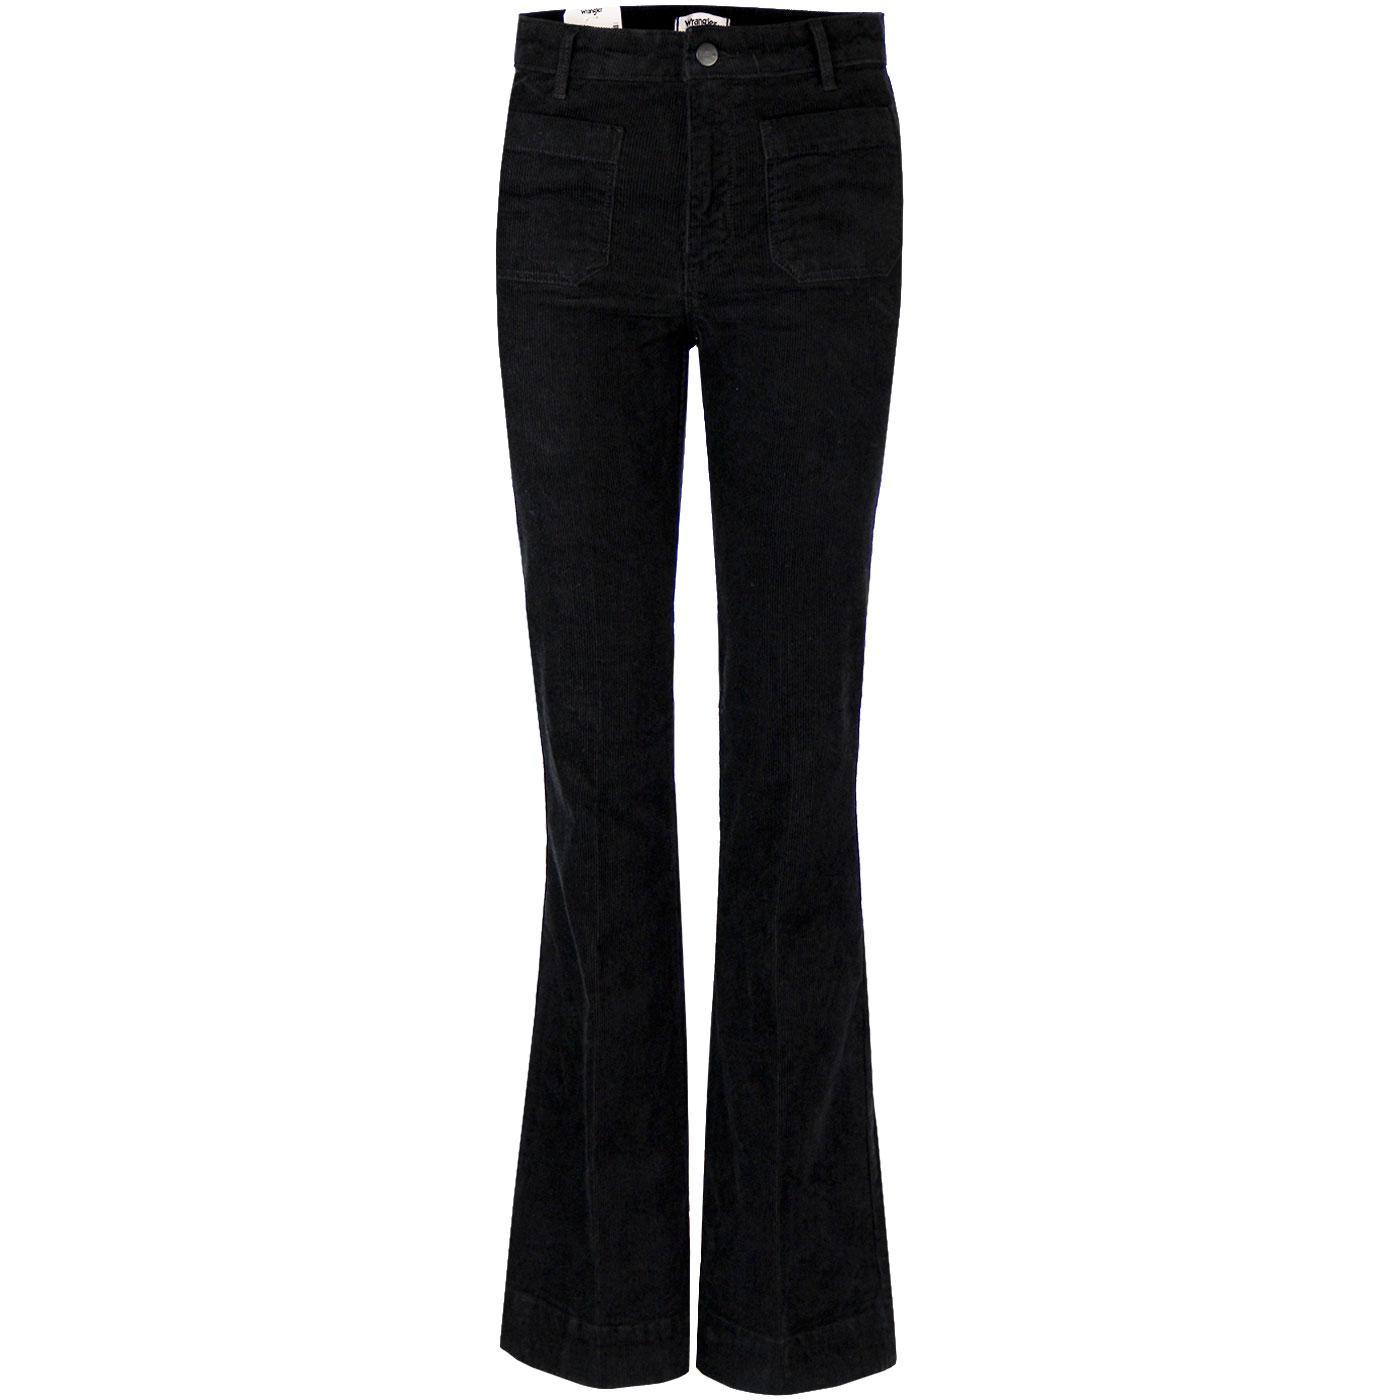 WRANGLER Women's 70's High Waist Cord Flared Jeans